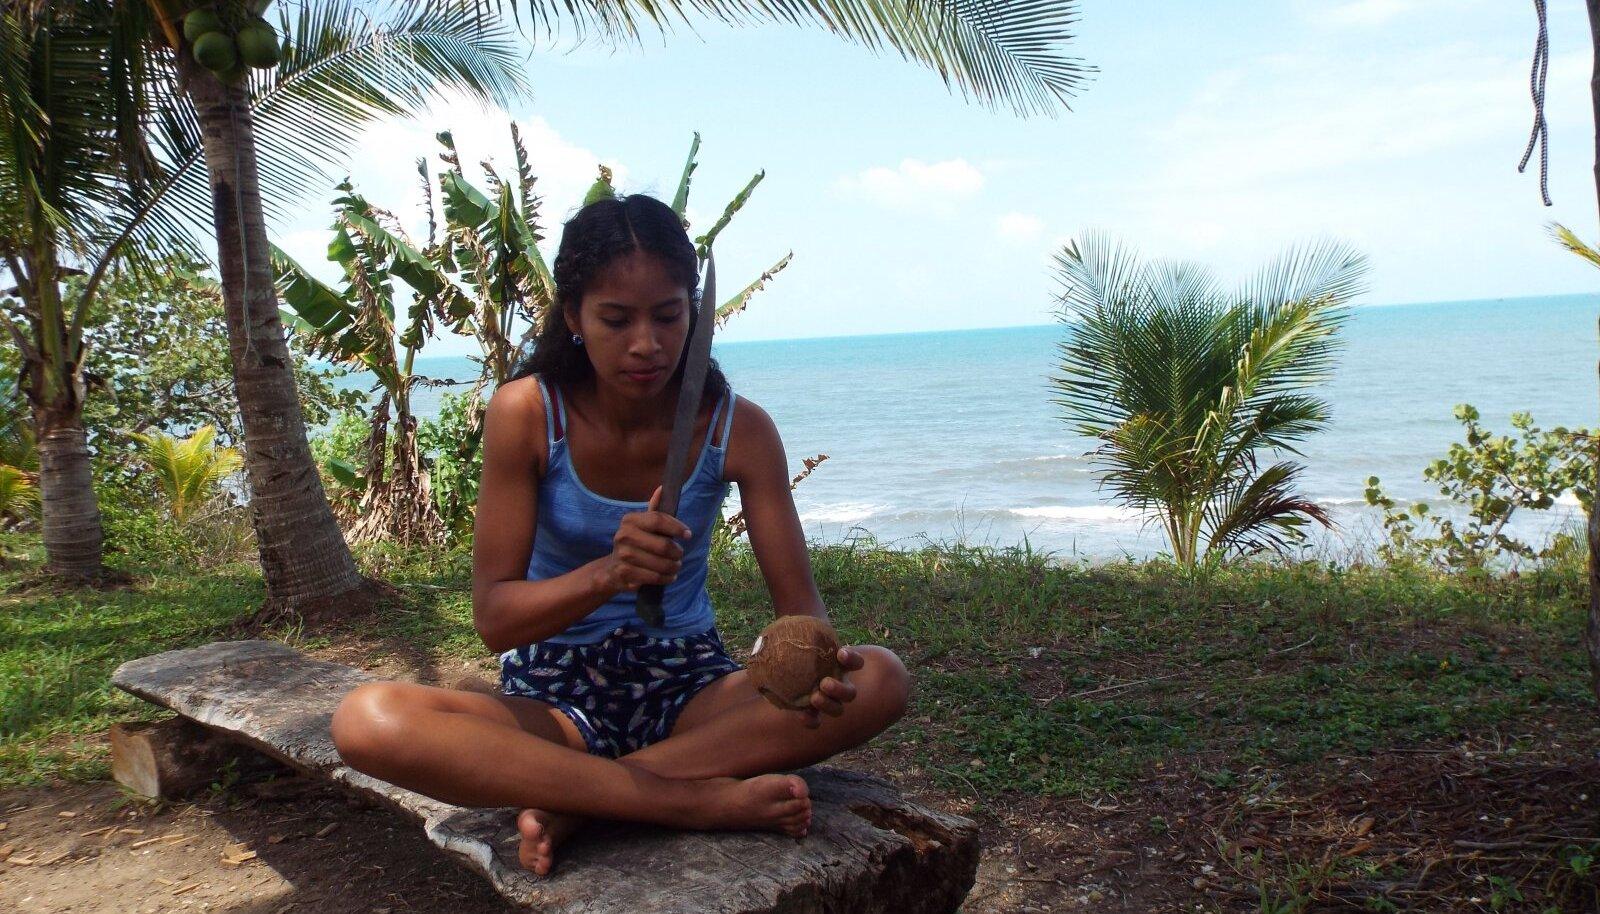 HIRMUFAKTOR: Kookospähkli avamine matšeetega on asi mida ma ei tahakunagi proovida, tunnistab loo autor.